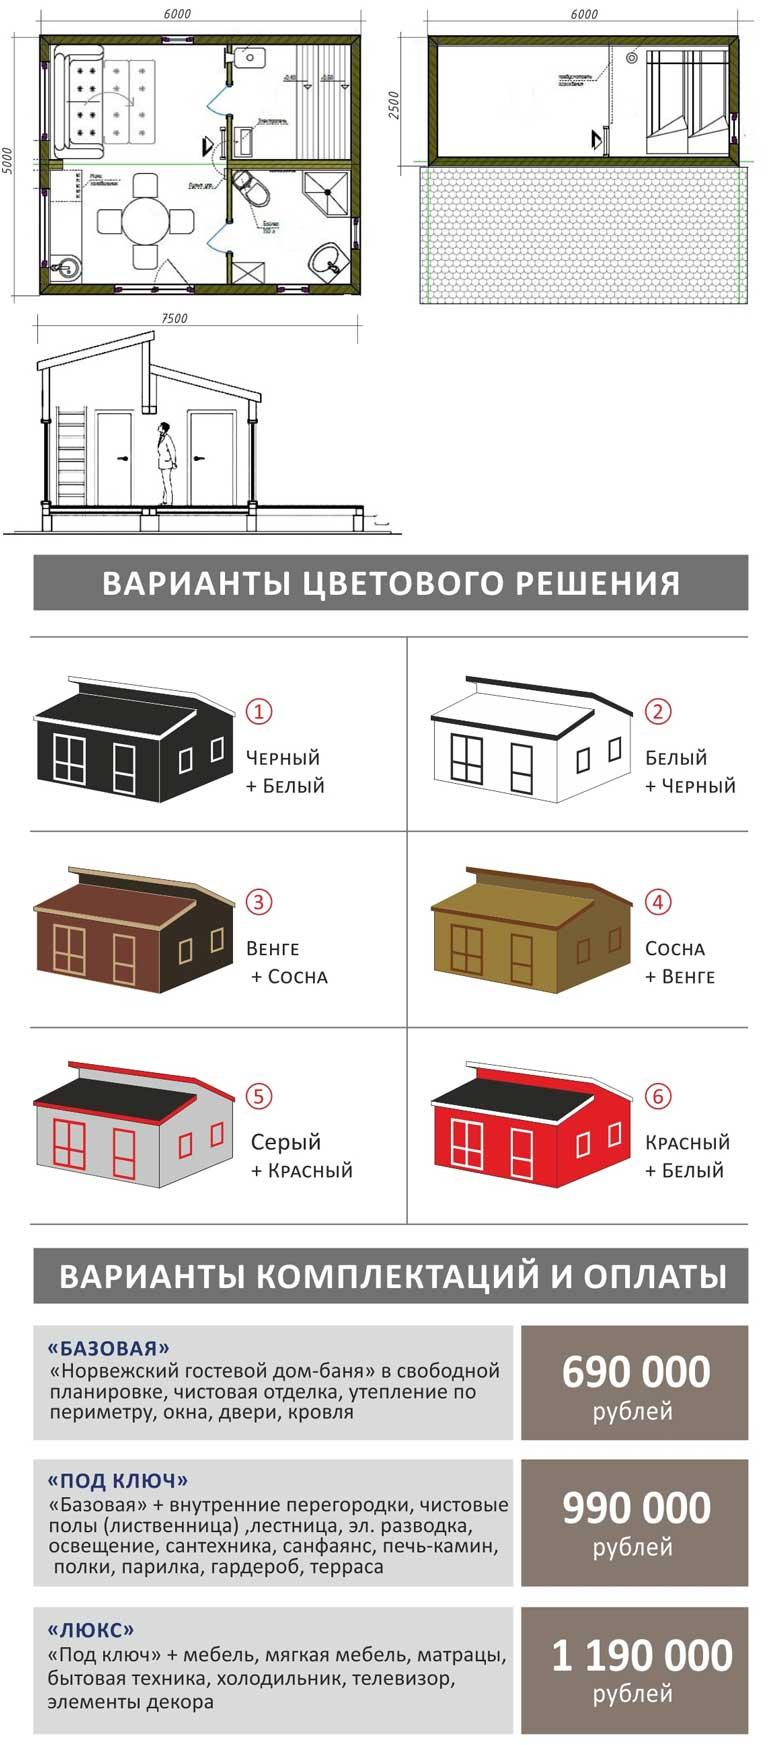 norvezhskiy-dom-banya-33-smart-montazh-za-1-den